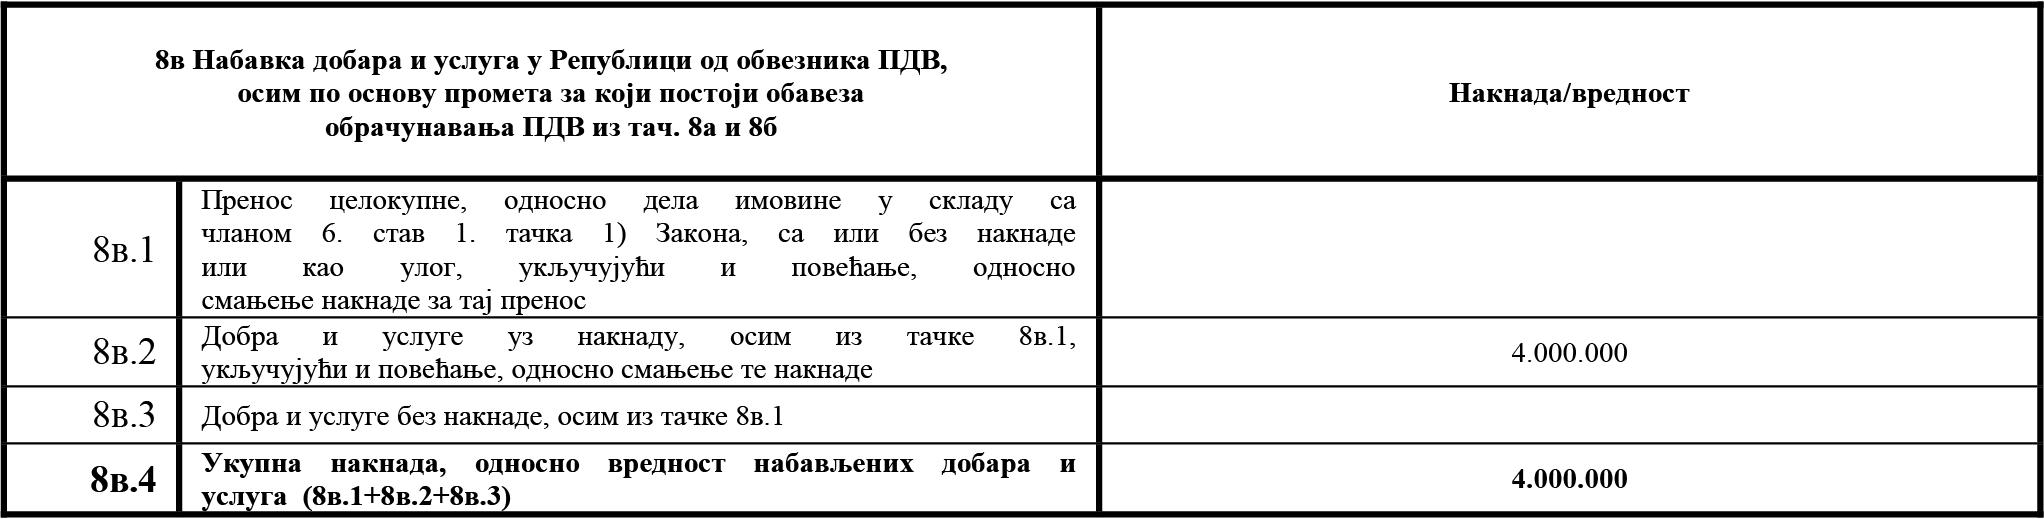 uputstvo PU obrazac POPDV primer 106